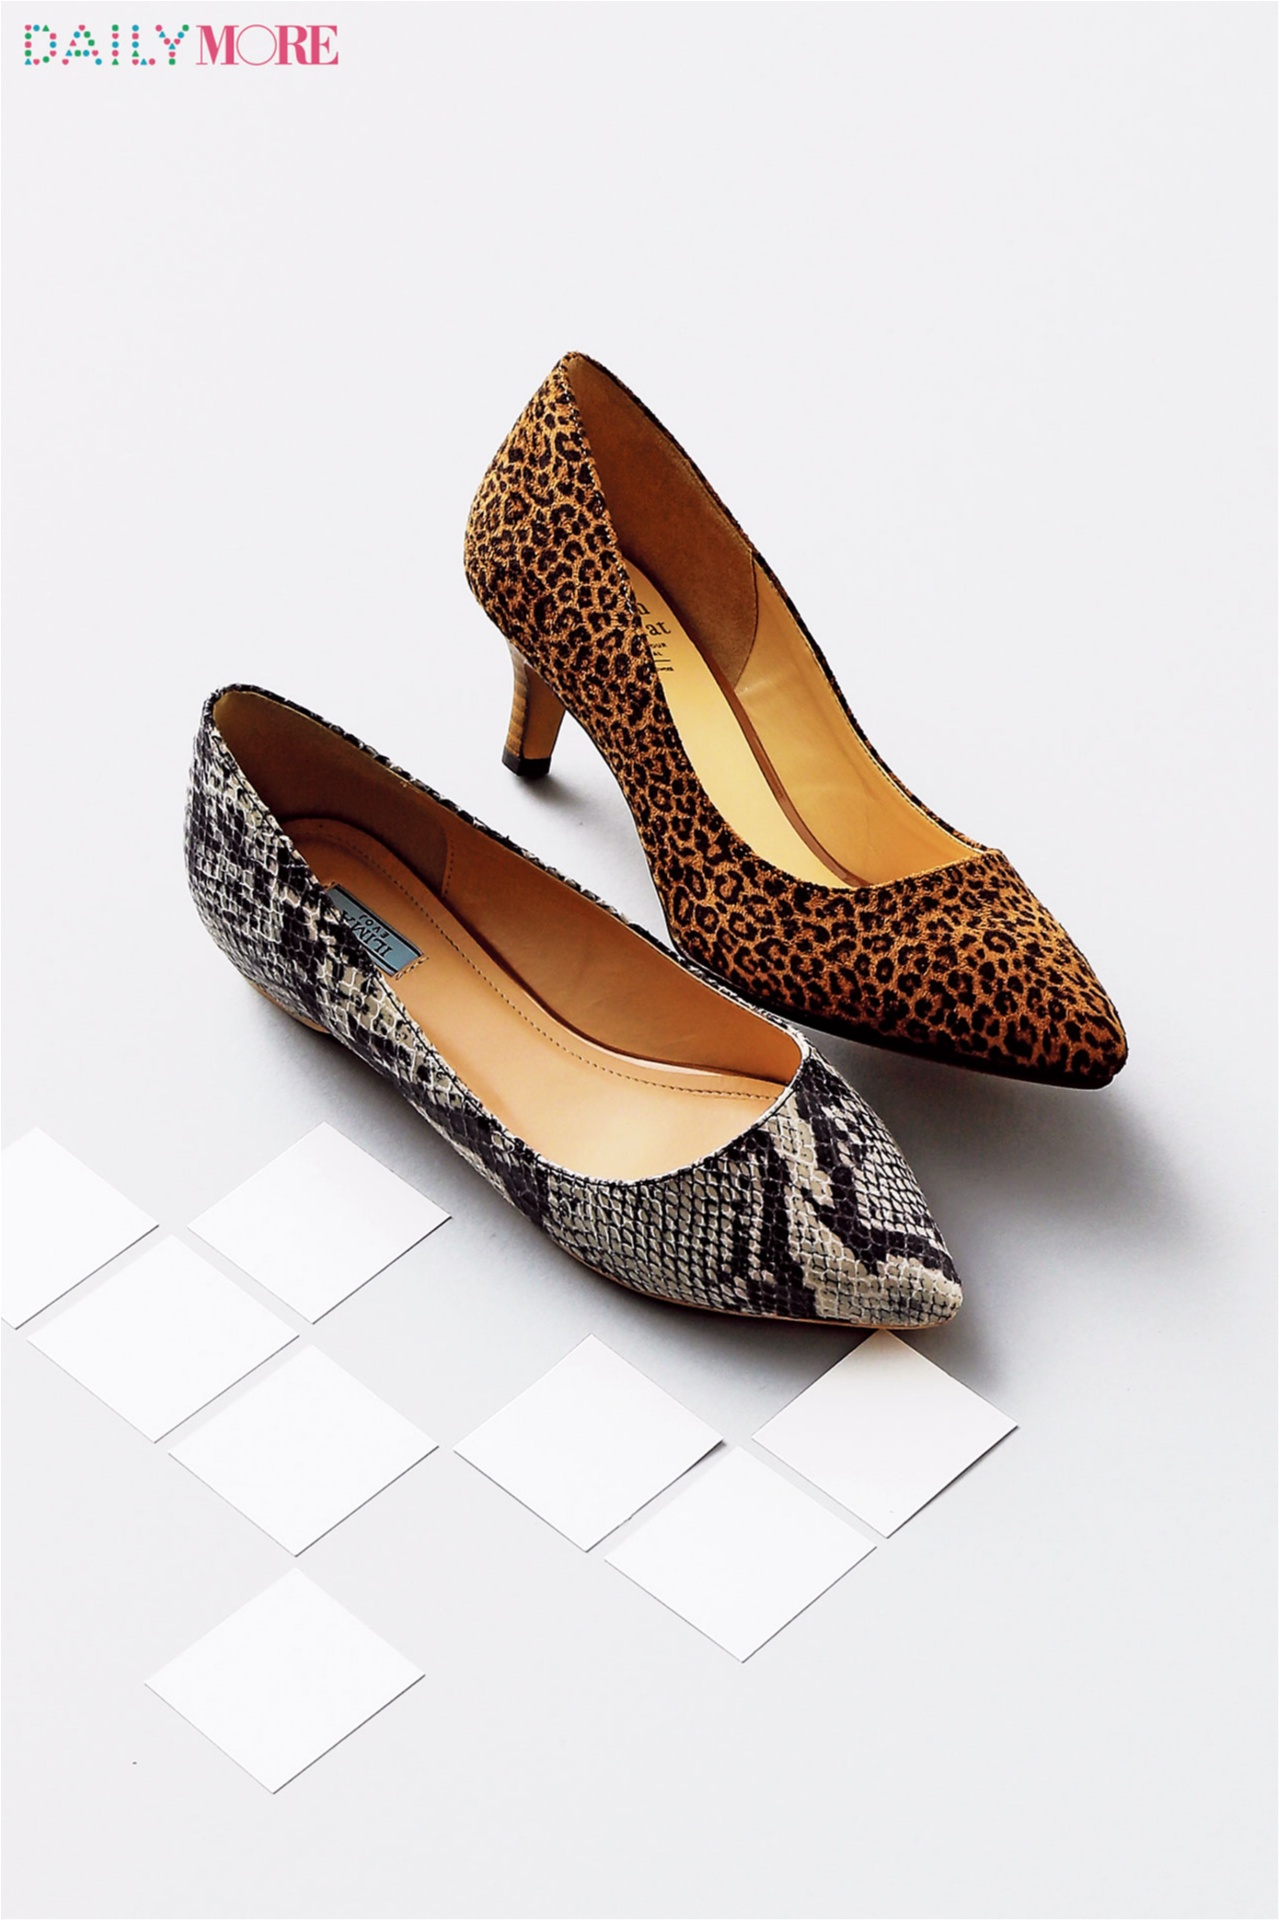 """最近シンプルすぎてない? 靴で足す""""さしアニマル""""がいい感じ。_2"""